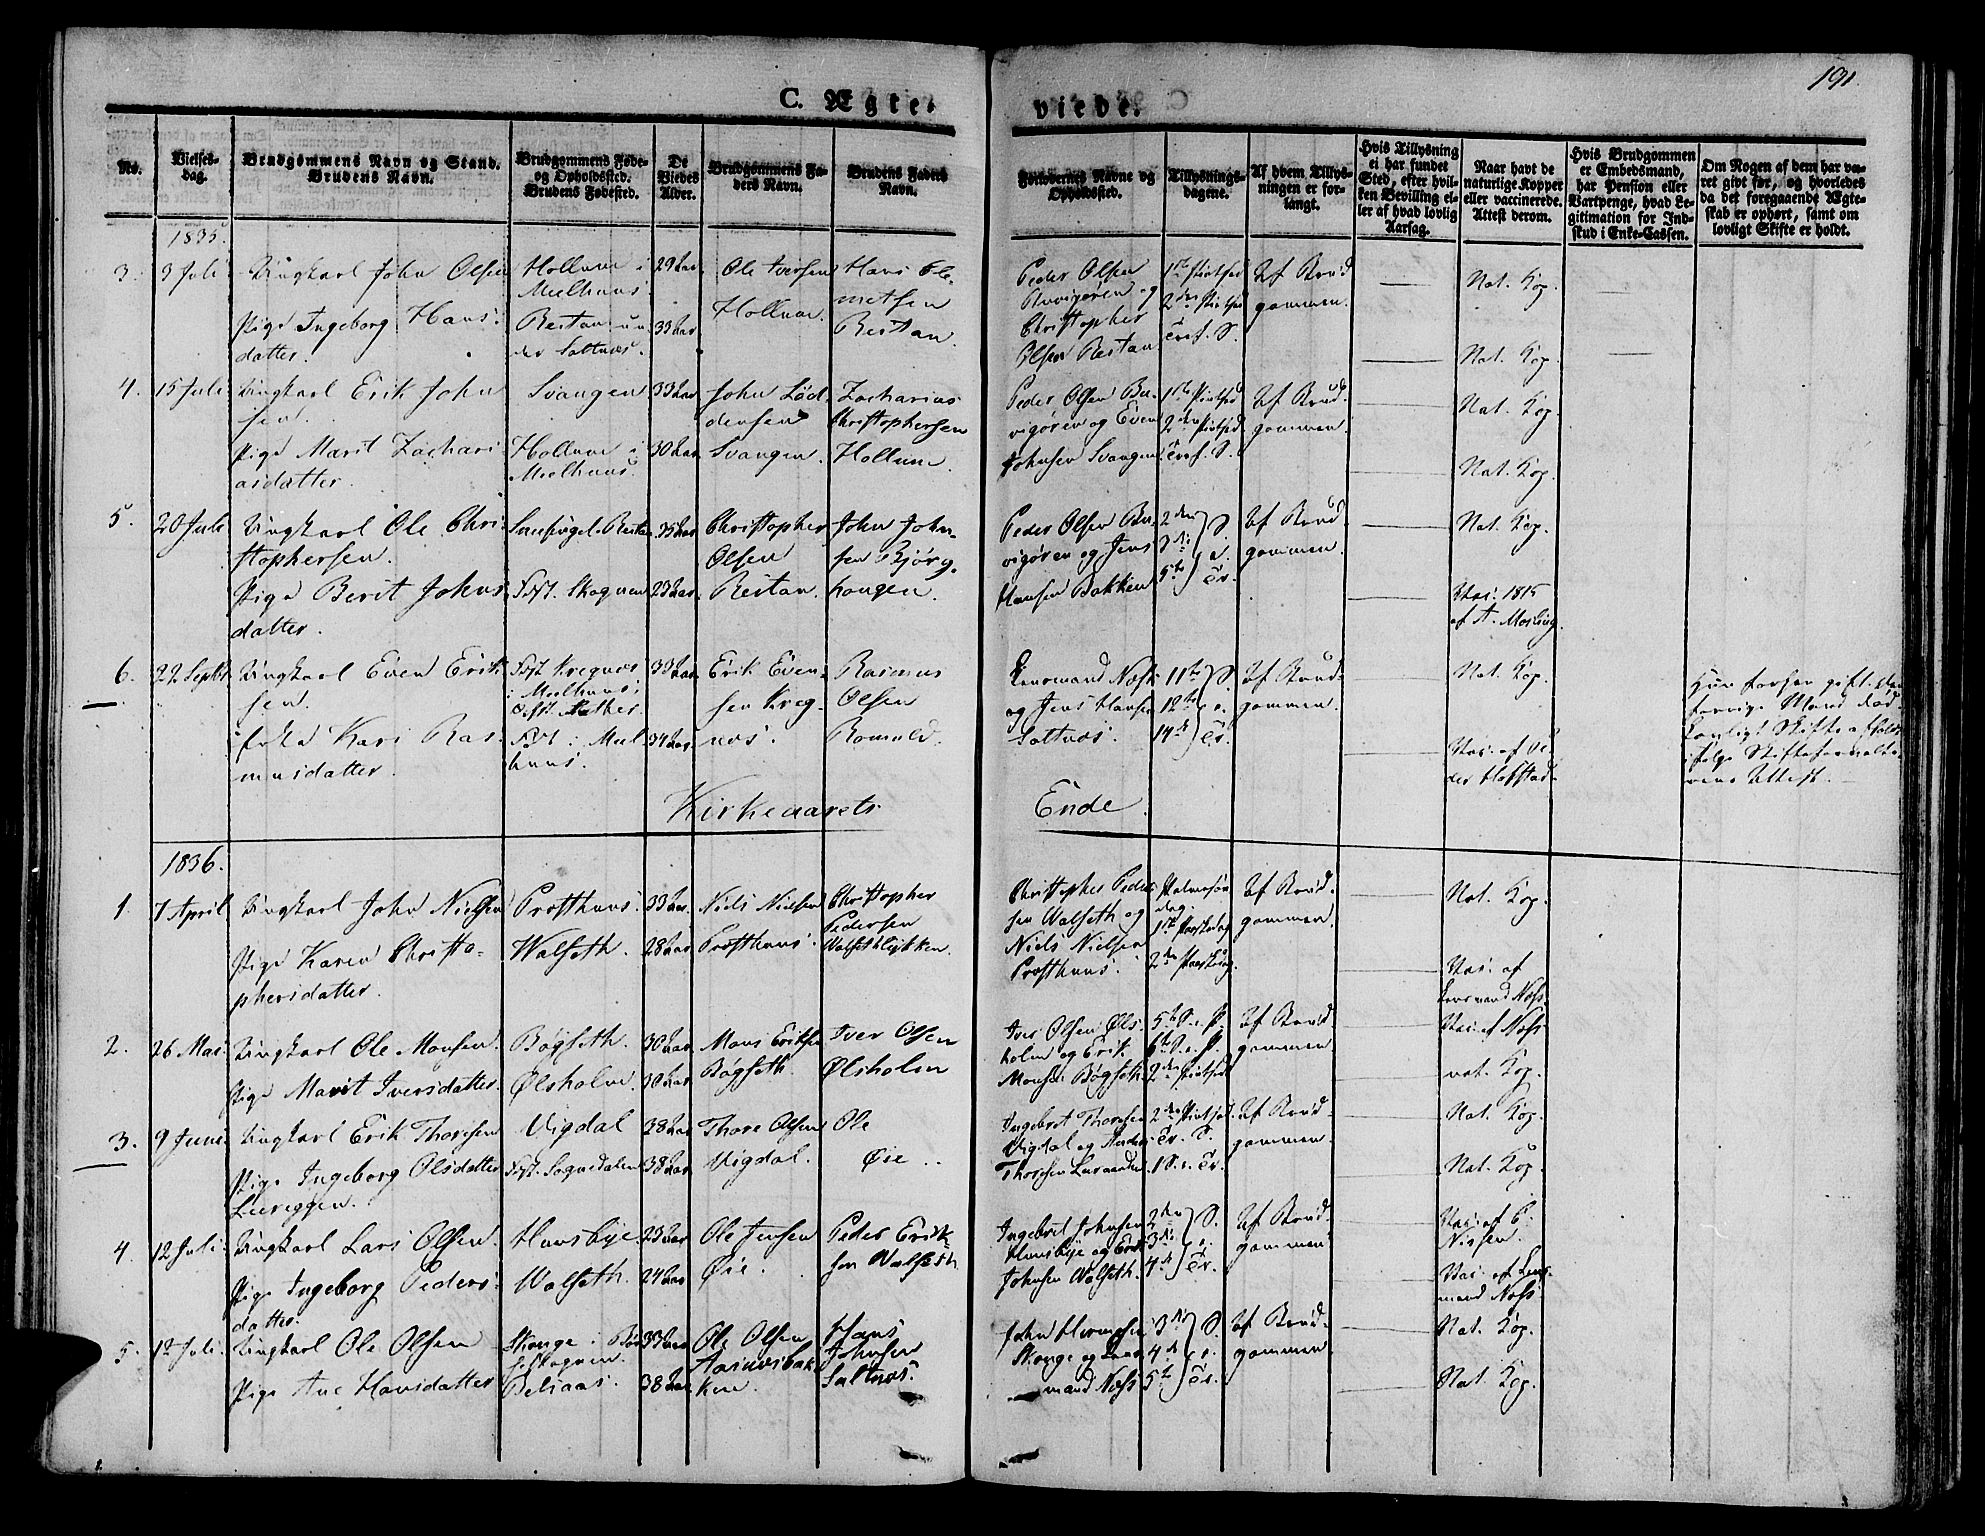 SAT, Ministerialprotokoller, klokkerbøker og fødselsregistre - Sør-Trøndelag, 612/L0375: Ministerialbok nr. 612A07 /2, 1829-1845, s. 191